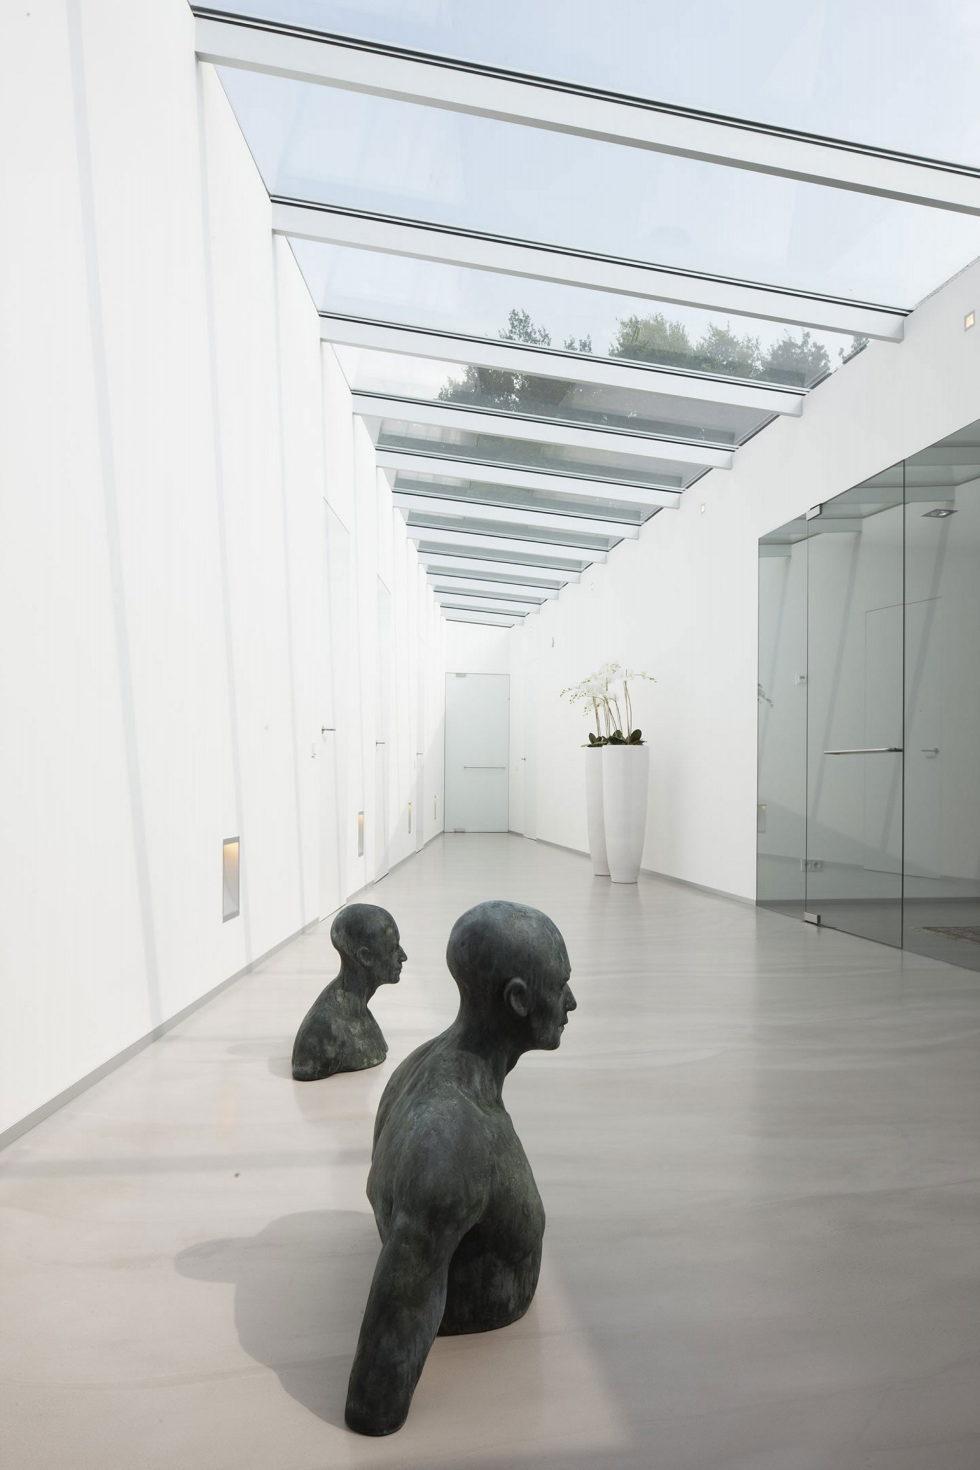 Spee Haelen Minimalism-Style Villa From Lab32 architecten Studio 27